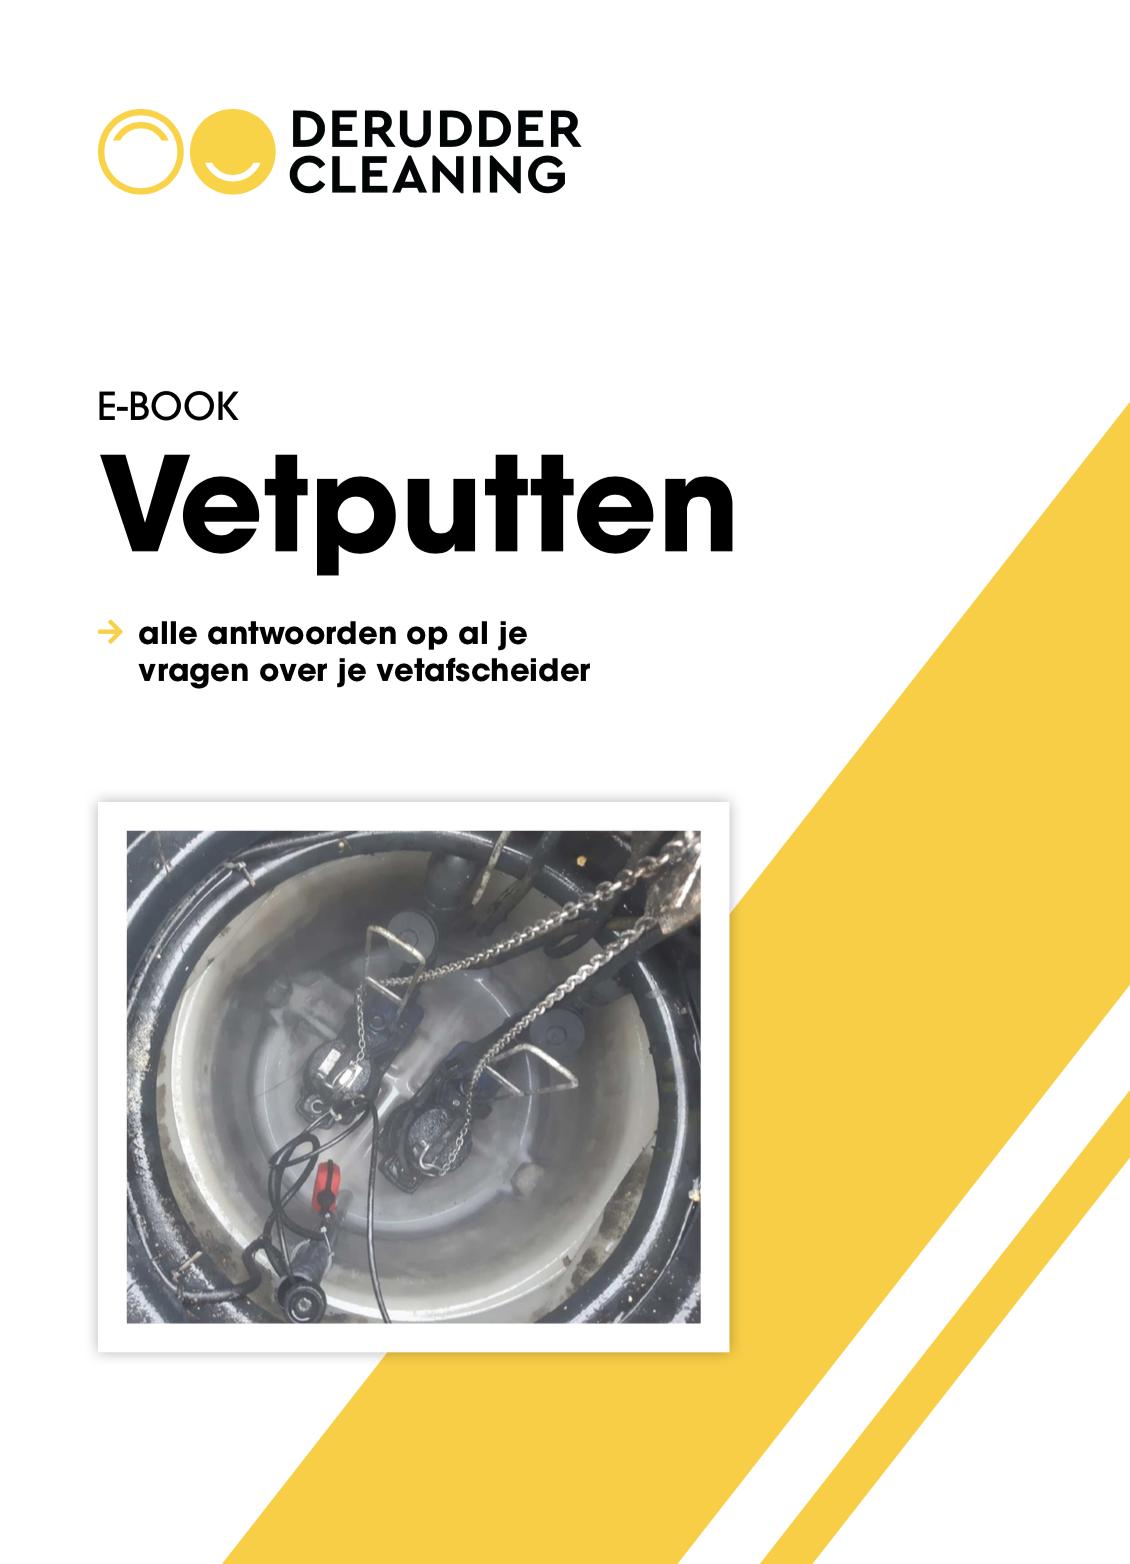 DERUDDER_COVER_E-BOOK_VETPUTTEN